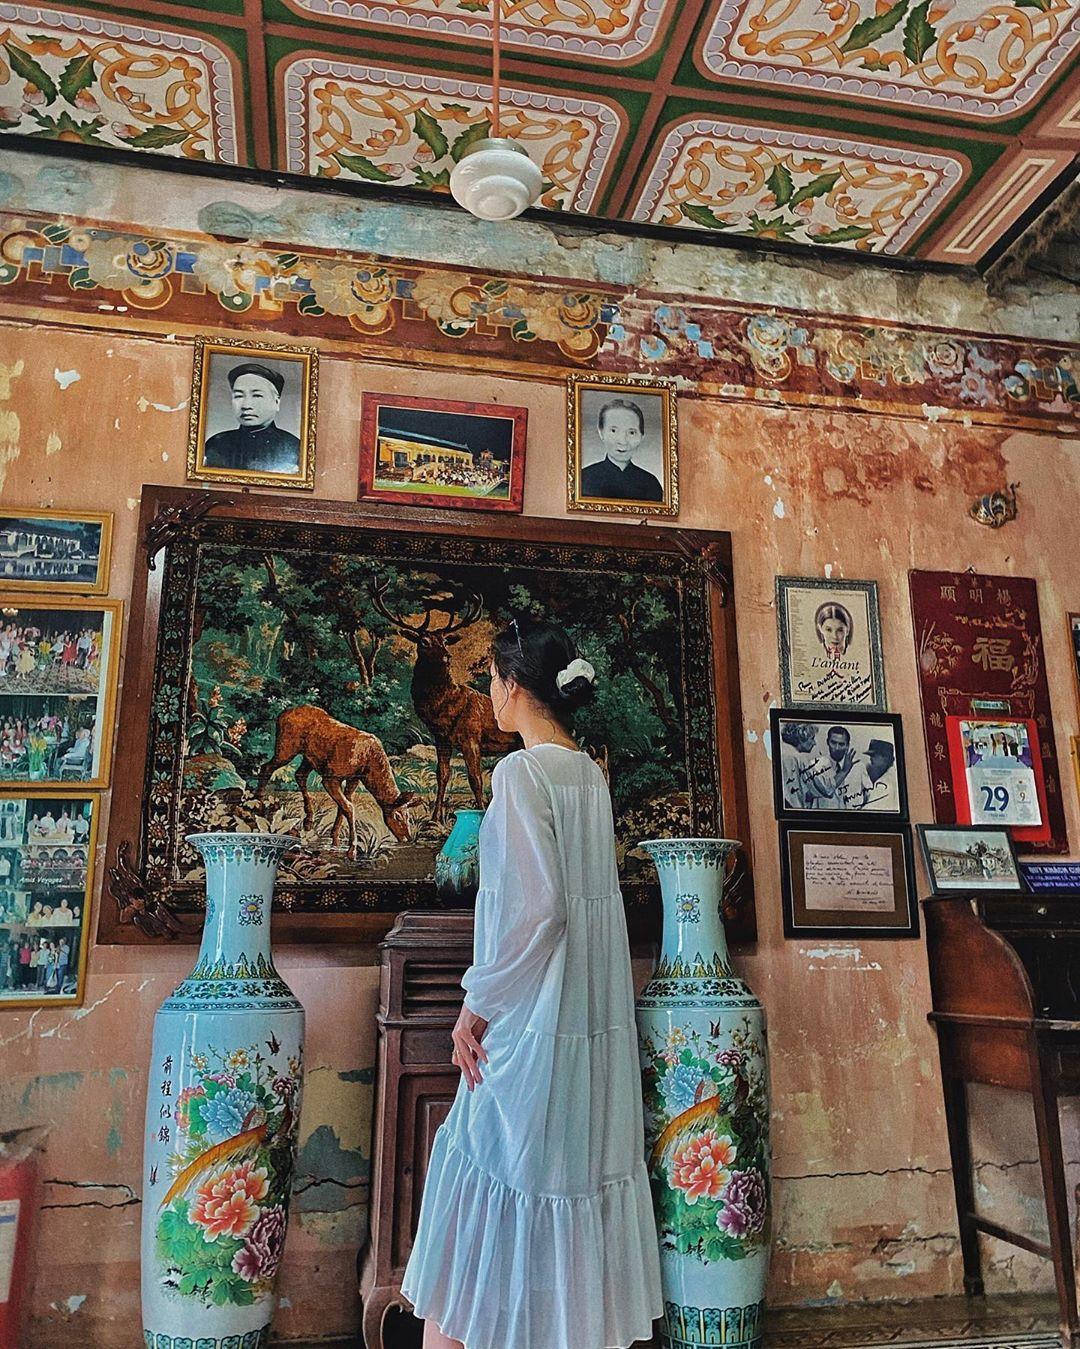 Vẻ đẹp nhà cổ Bình Thủy, địa điểm tham quan trăm tuổi tại Cần Thơ  - Ảnh 11.